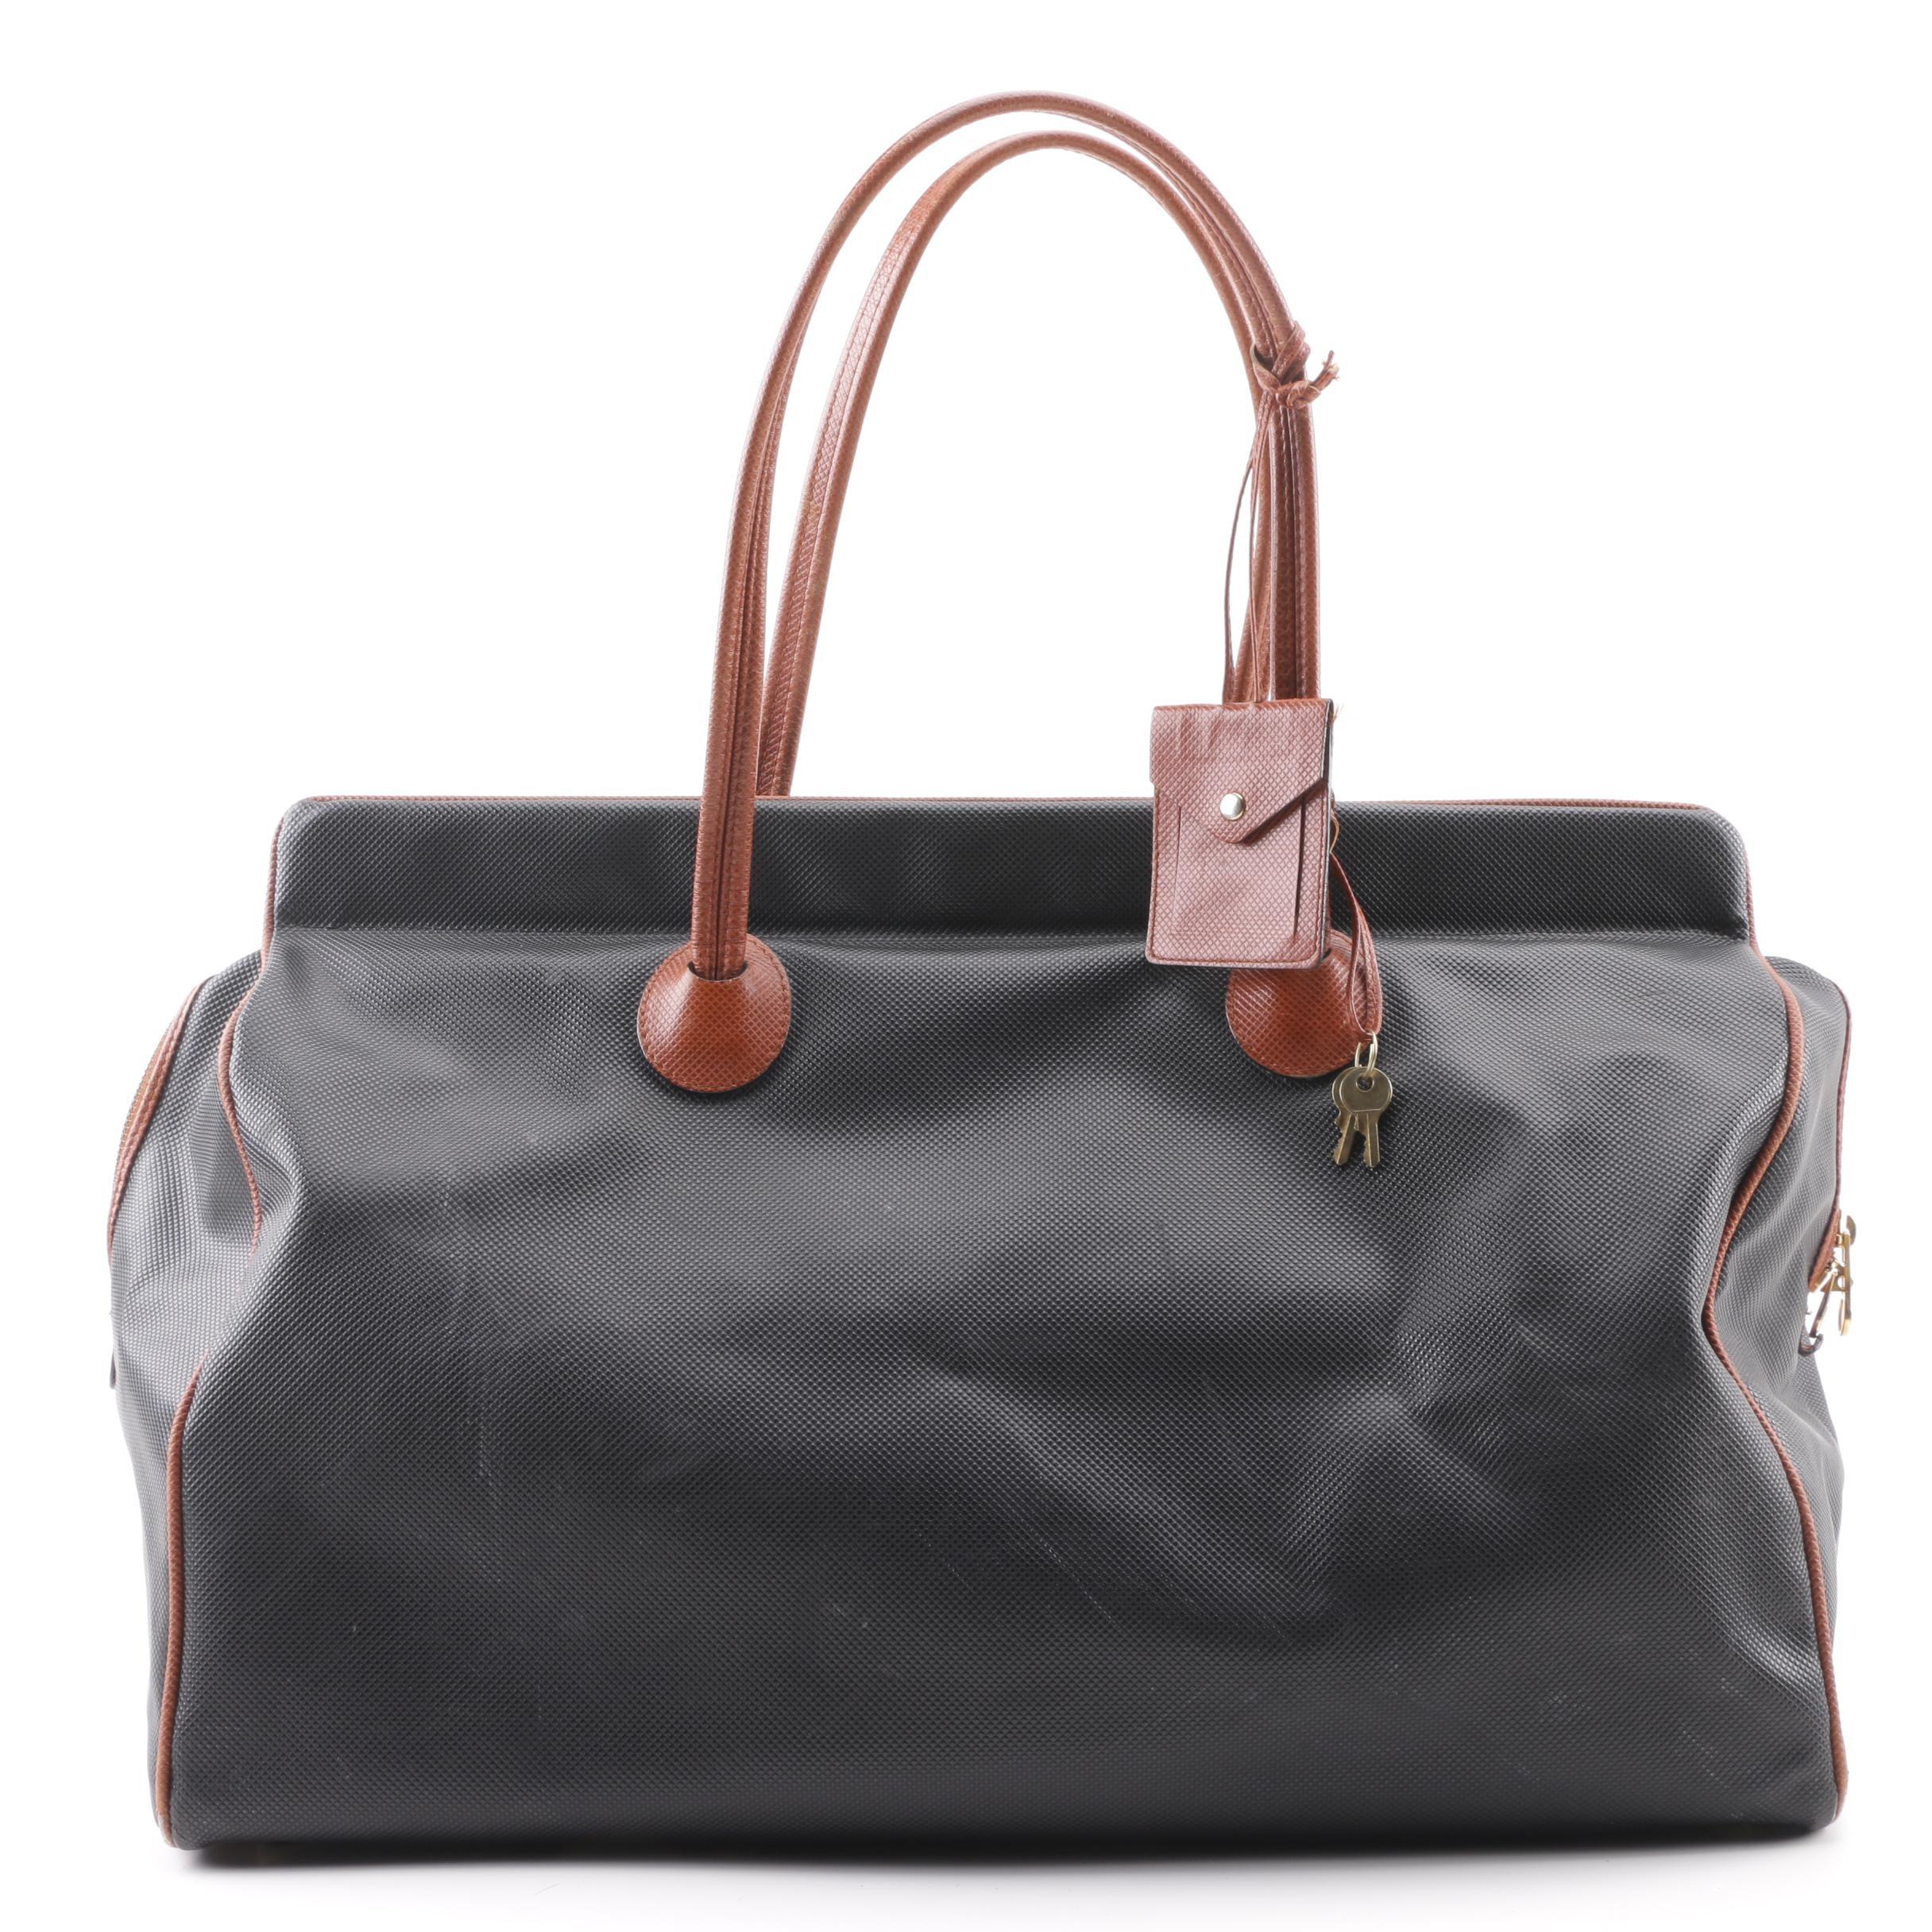 Bottega Veneta Black Rubberized Canvas Marco Polo Bag